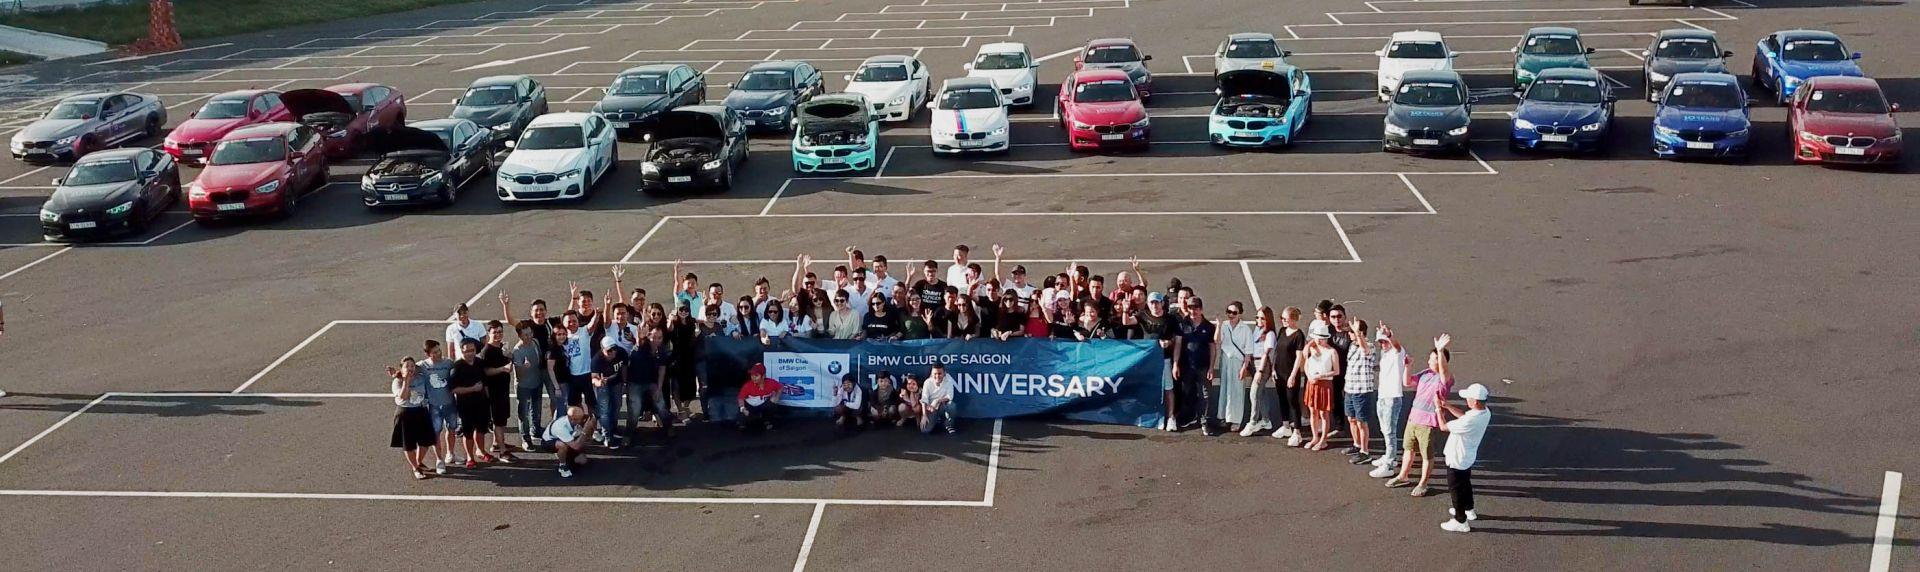 Hành trình 10 năm BMW